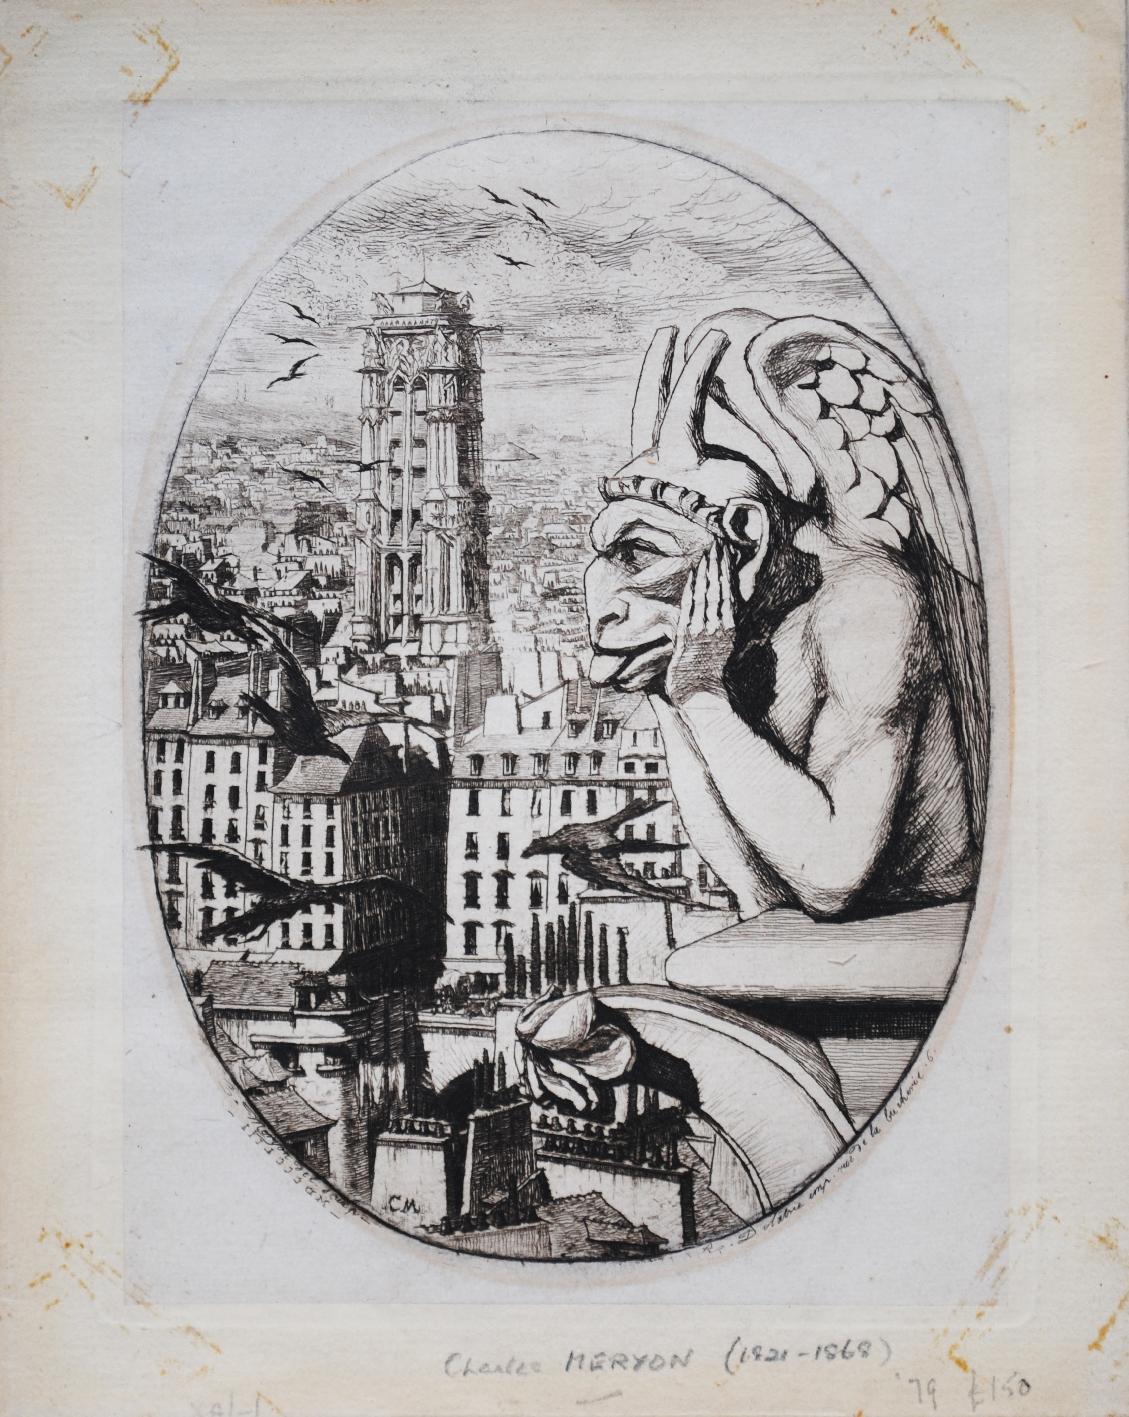 夏爾·梅裏庸的蝕刻版畫作品《思提志》(Le Stryge)。(公有領域)